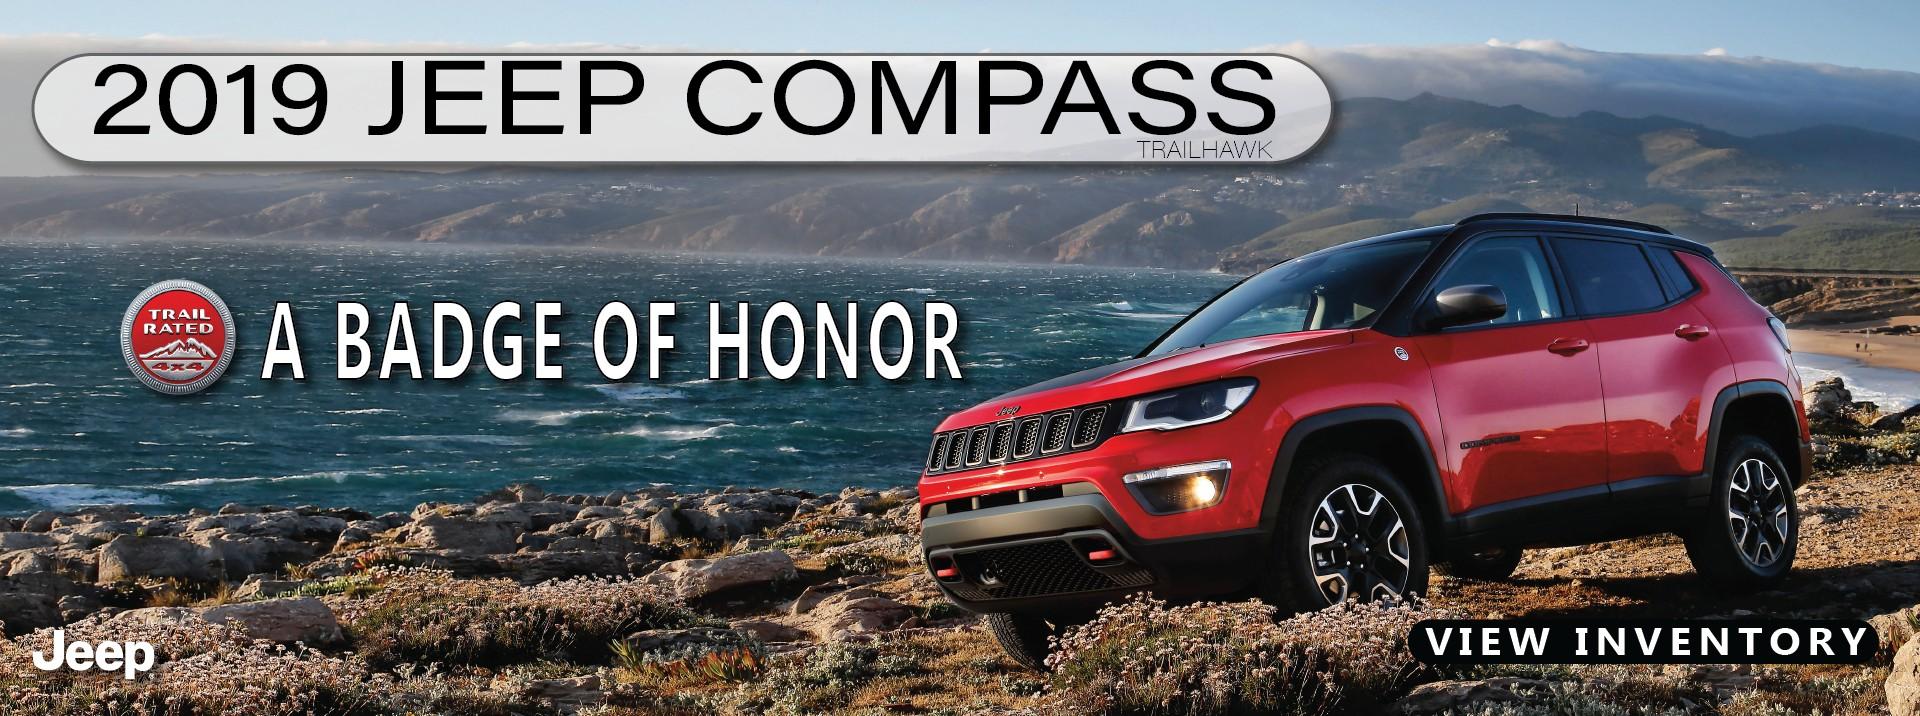 2019 Jeep Compass Van Horn